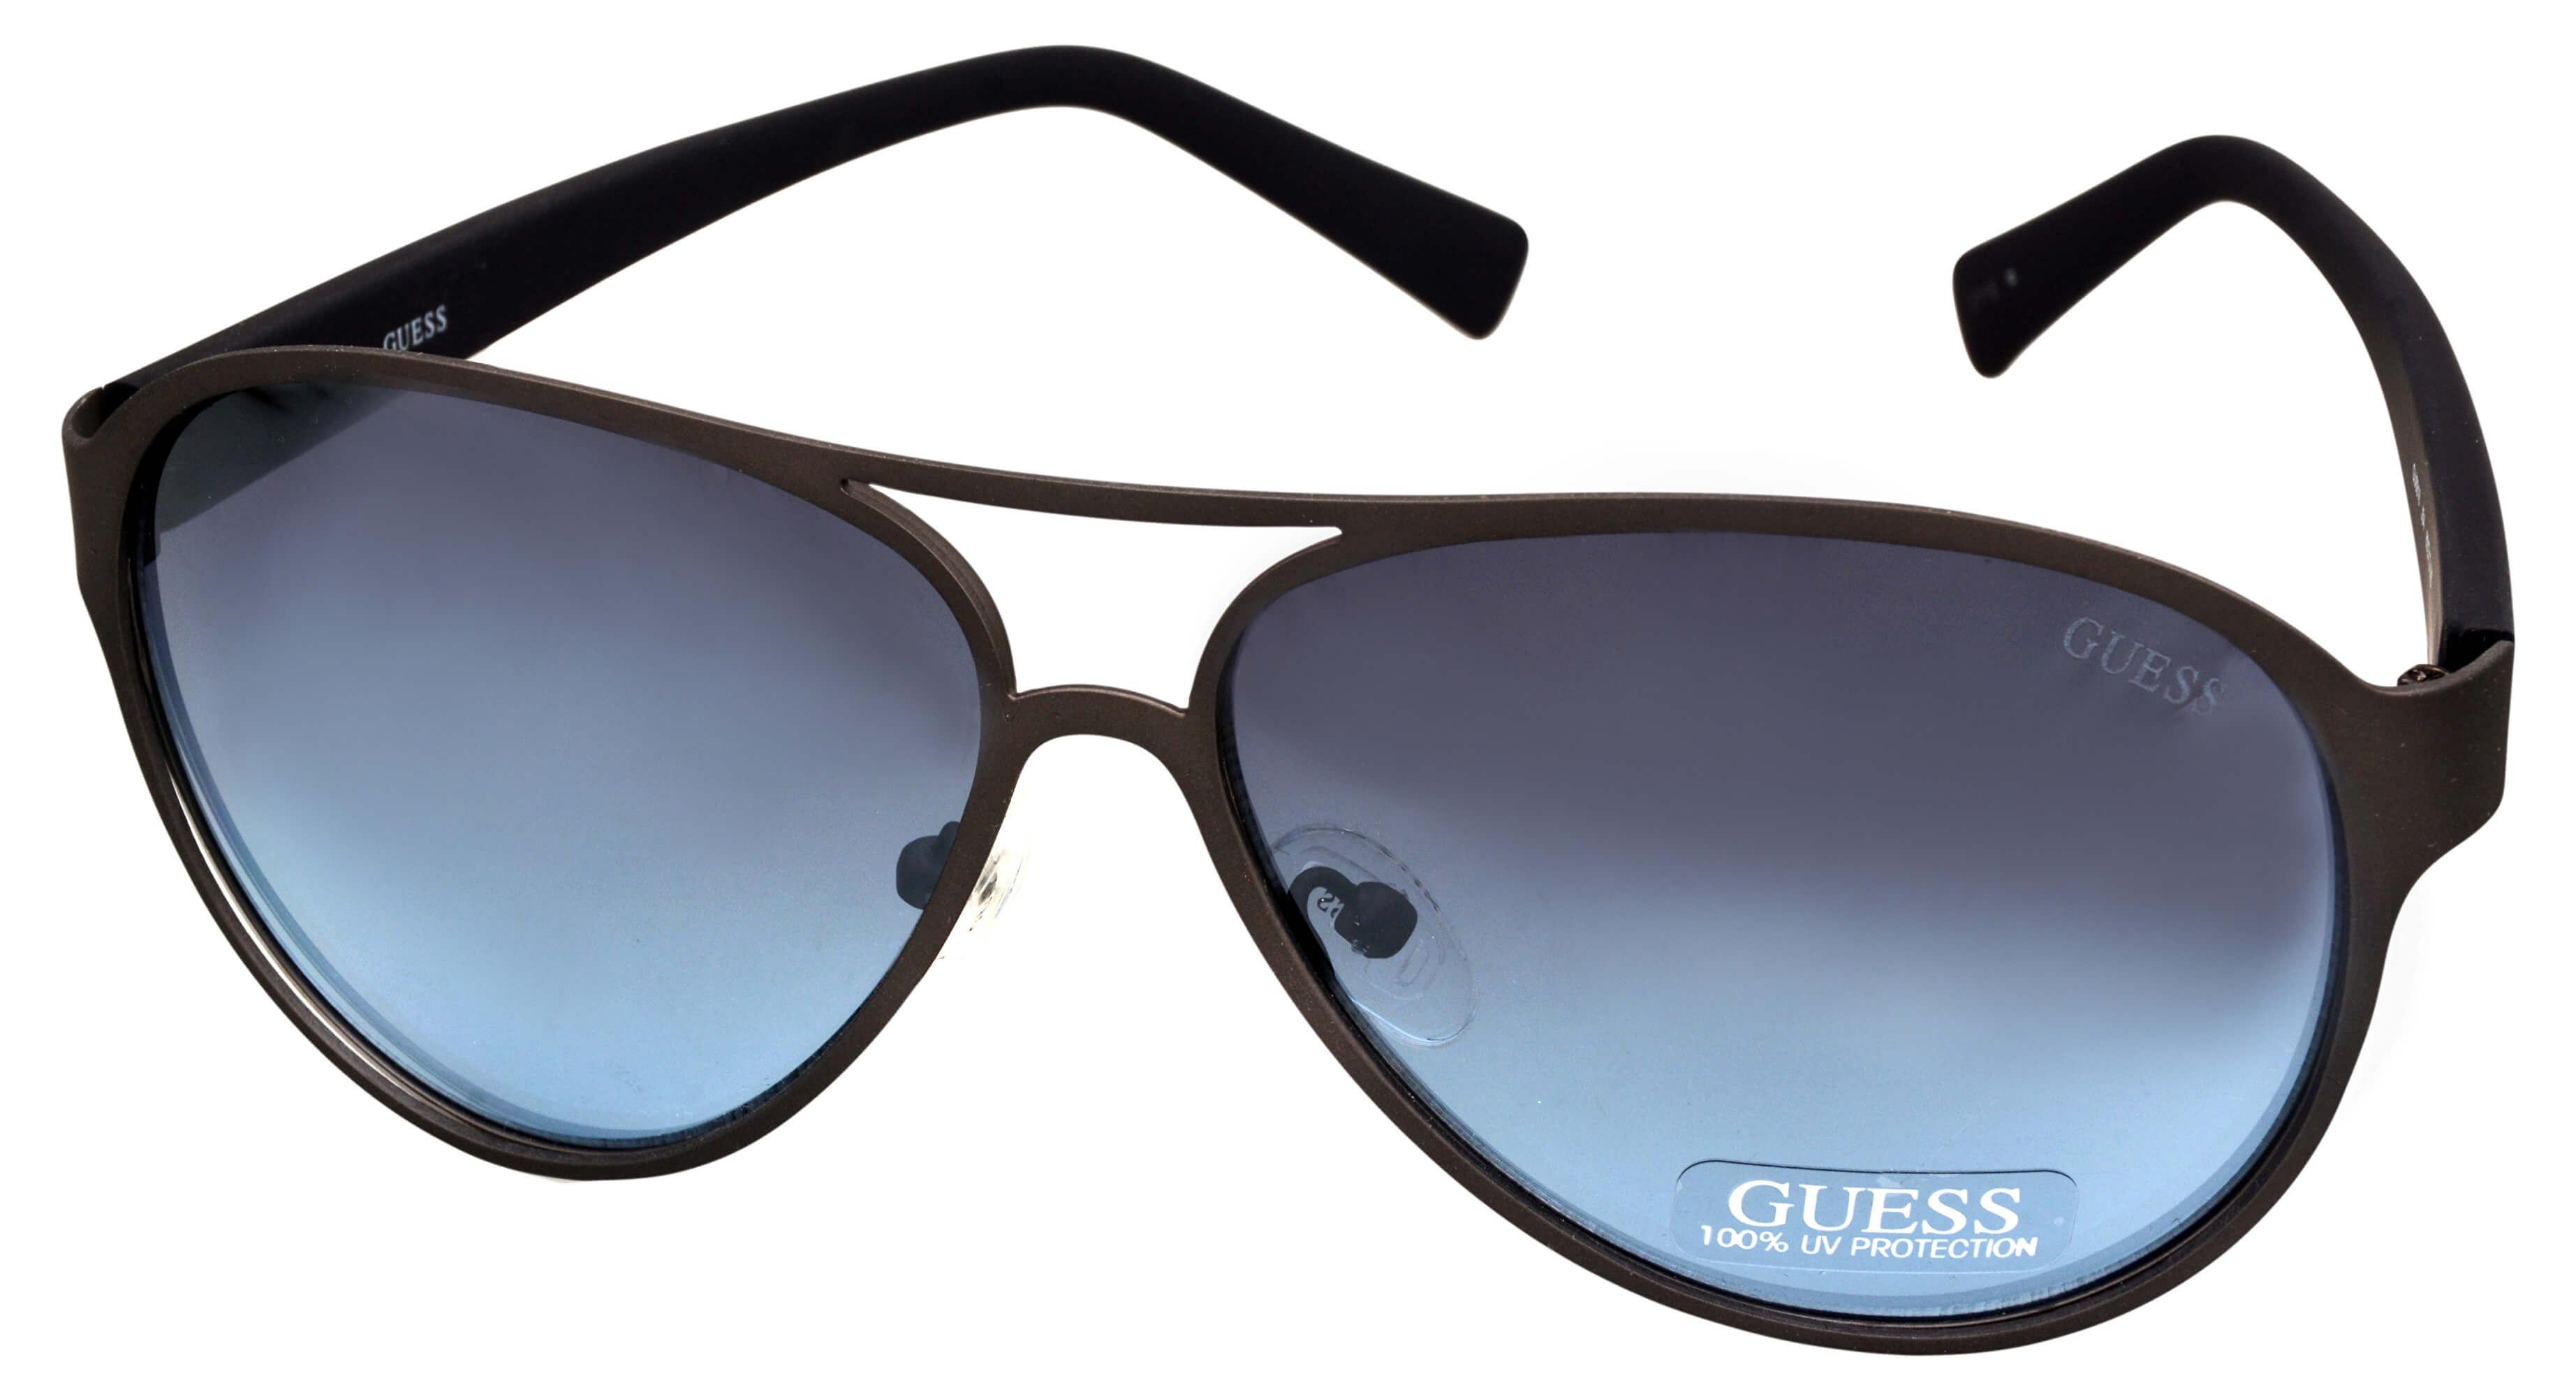 Guess Slnečné okuliare GU6816 J54 60 Doprava ZDARMA  d3df0dcbdfa